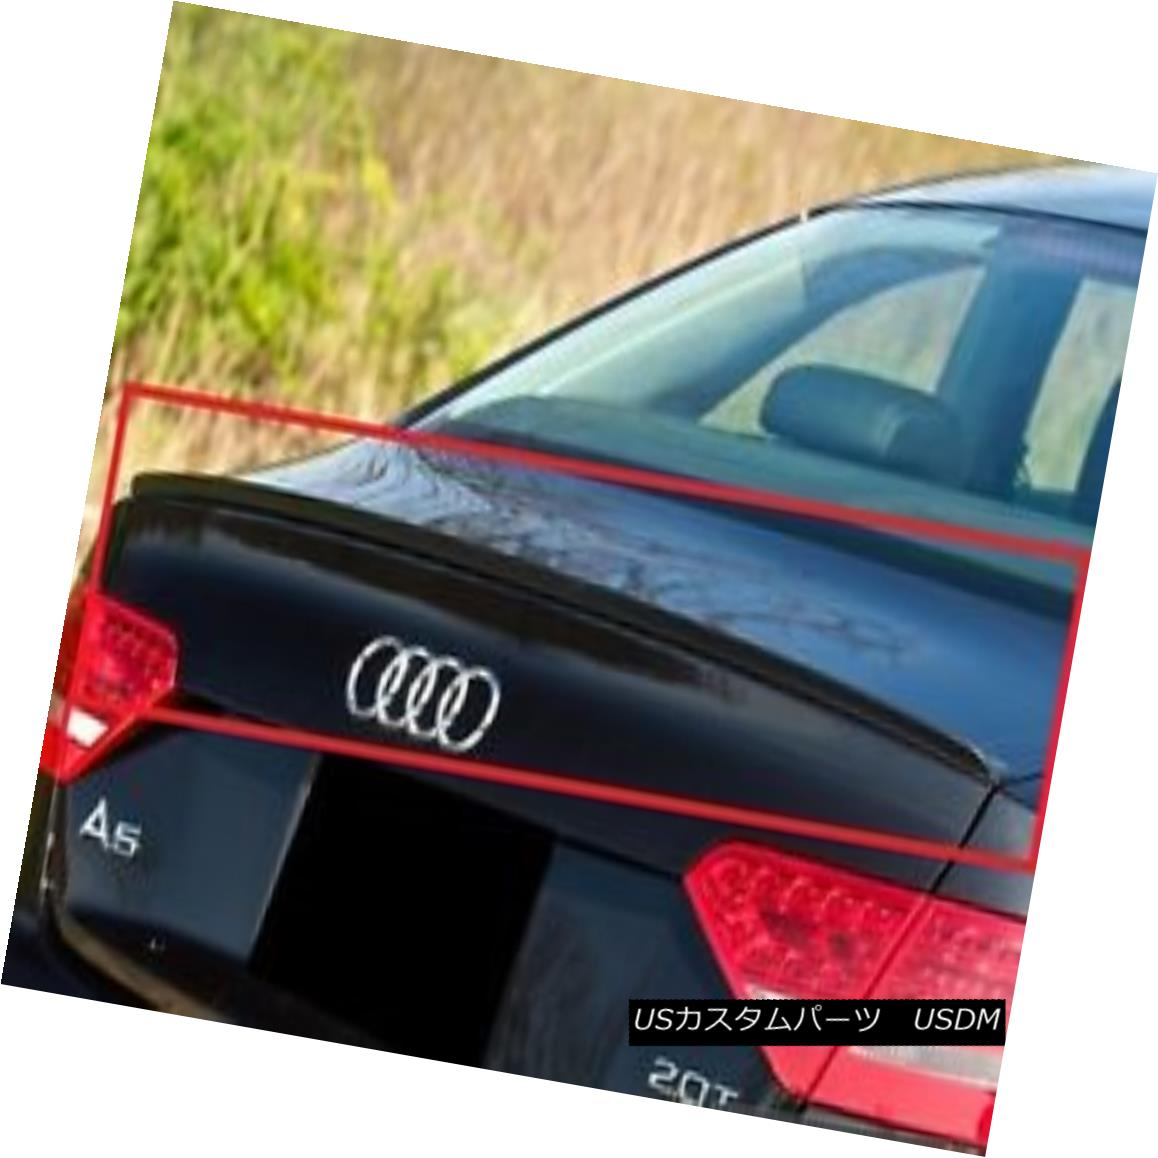 エアロパーツ AUDI A5 REAR BOOT TRUNK SPOILER S-LINE LOOK NEW AUDI A5リア・ブーツ・トランク・スポイラーS-LINE NEW LOOK